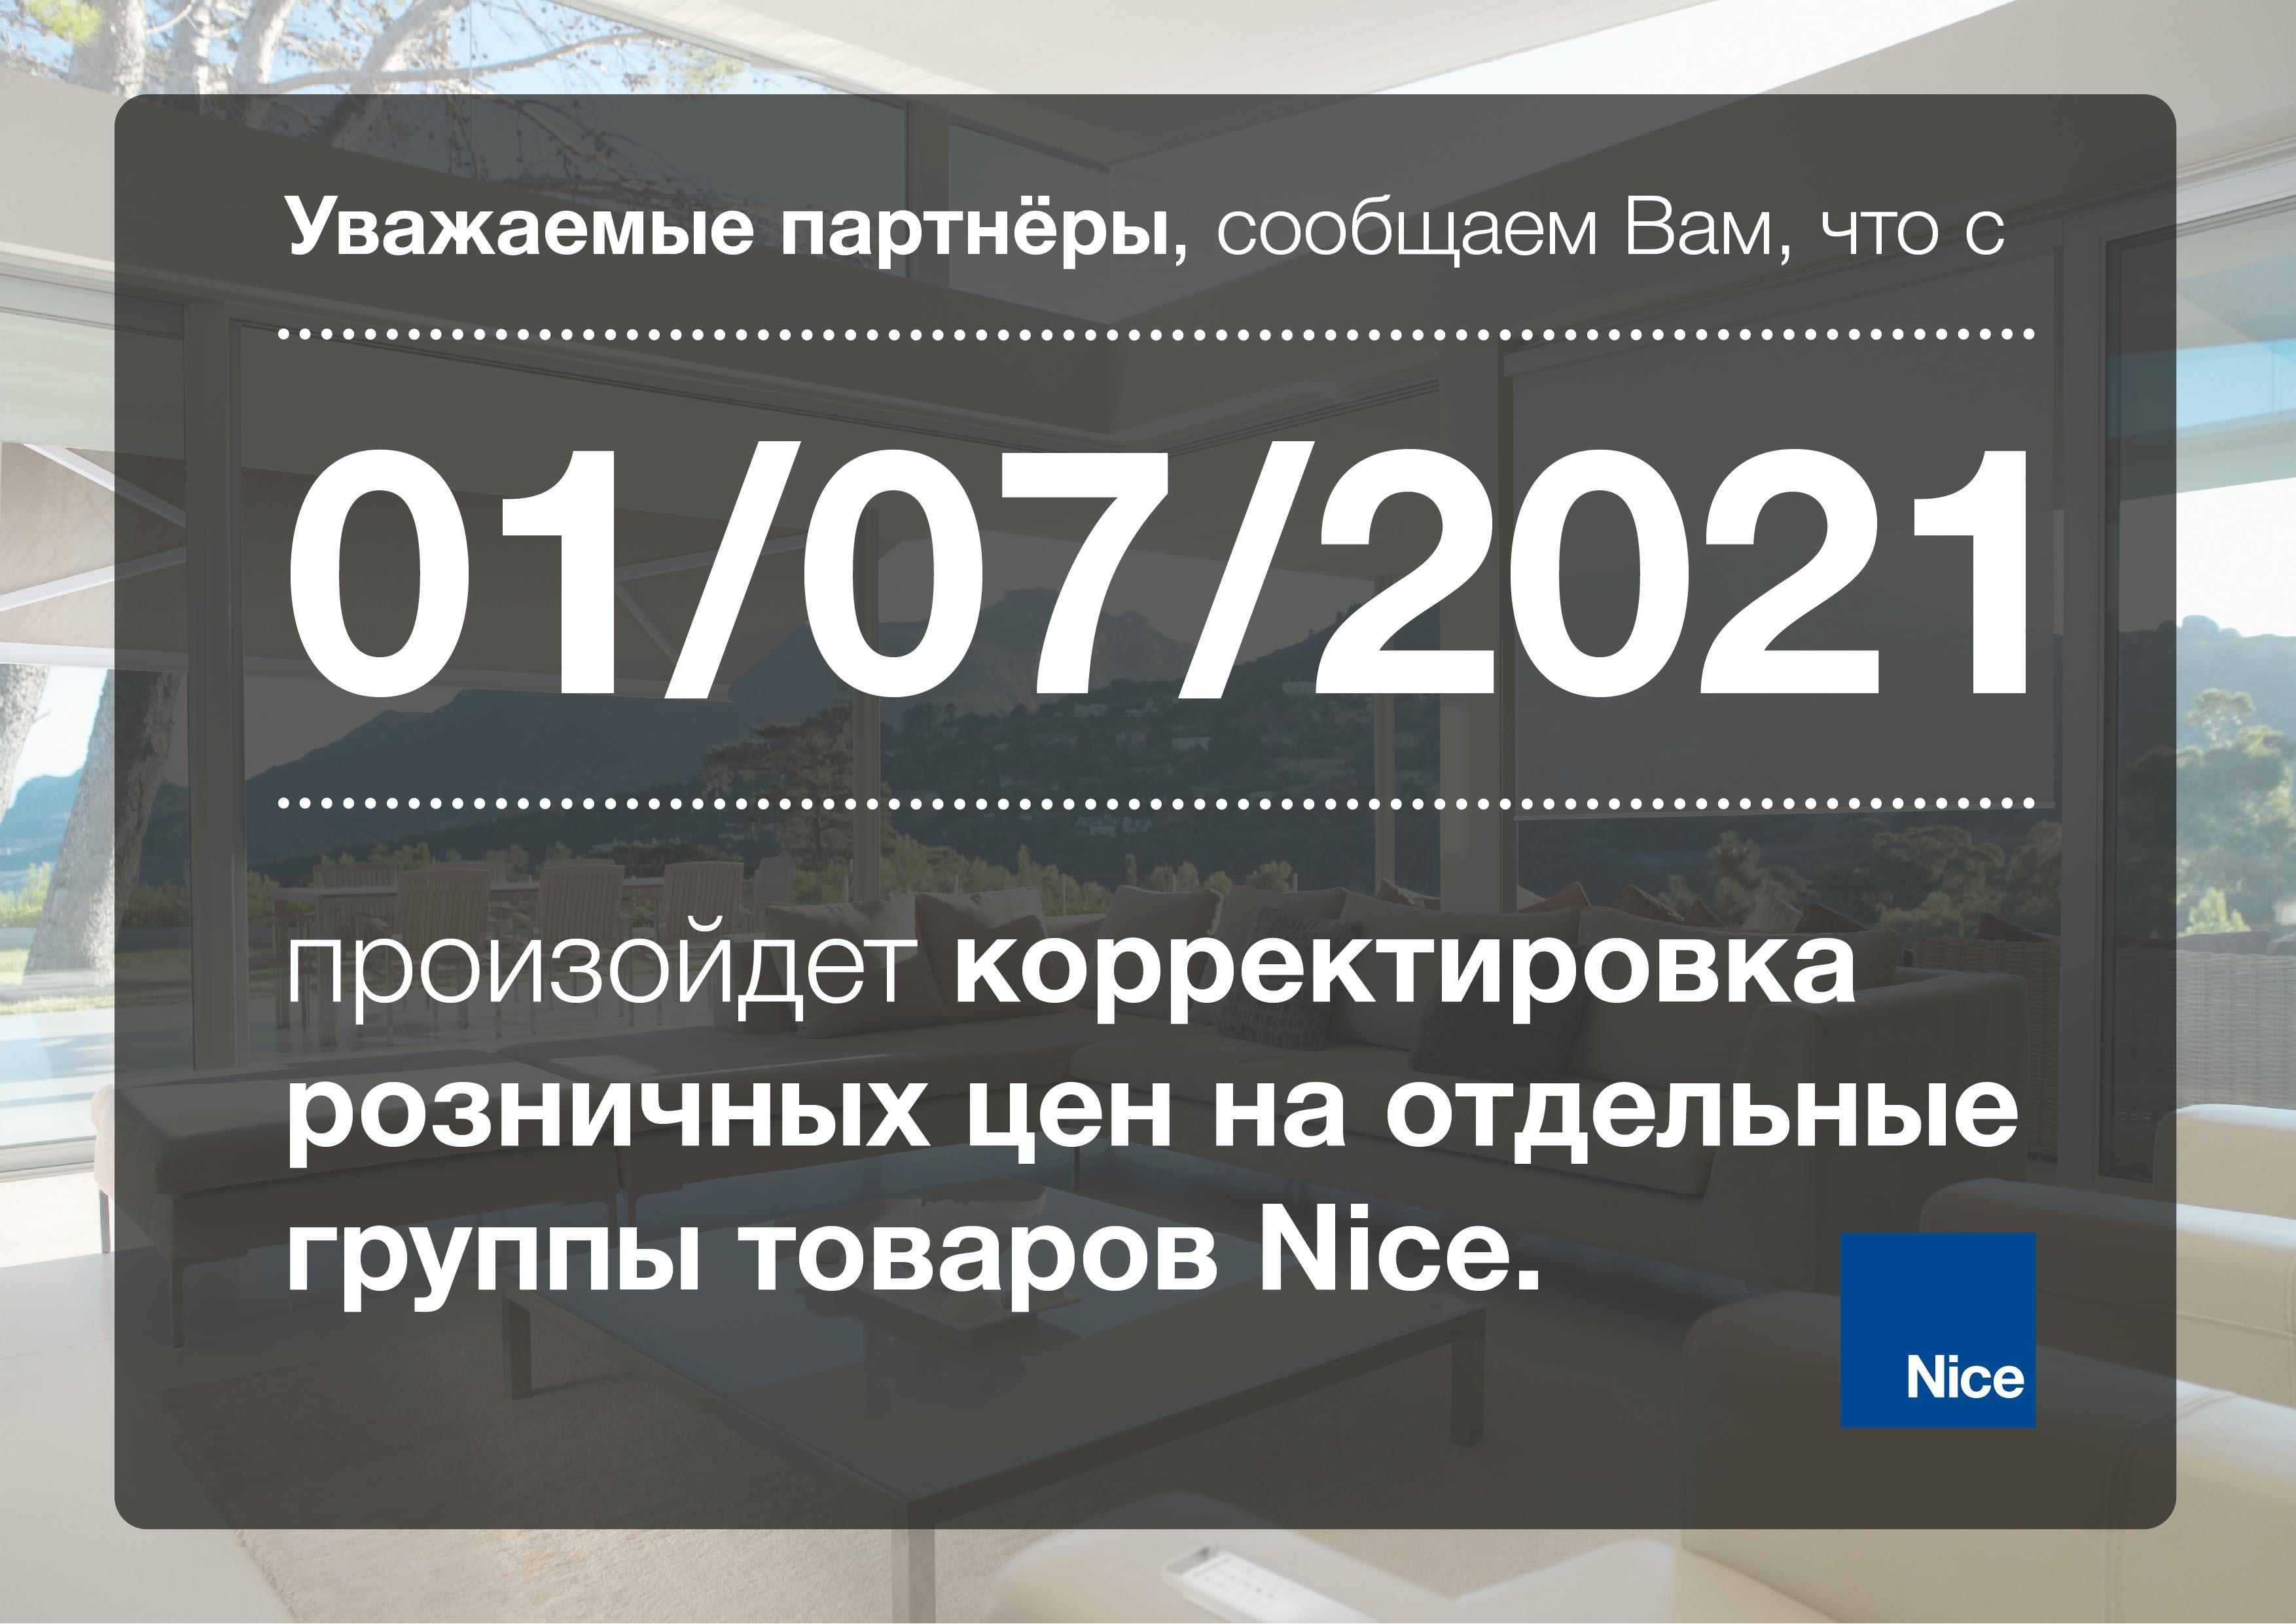 01/07/2021 корректировка розничных цен на отдельные группы товаров Nice